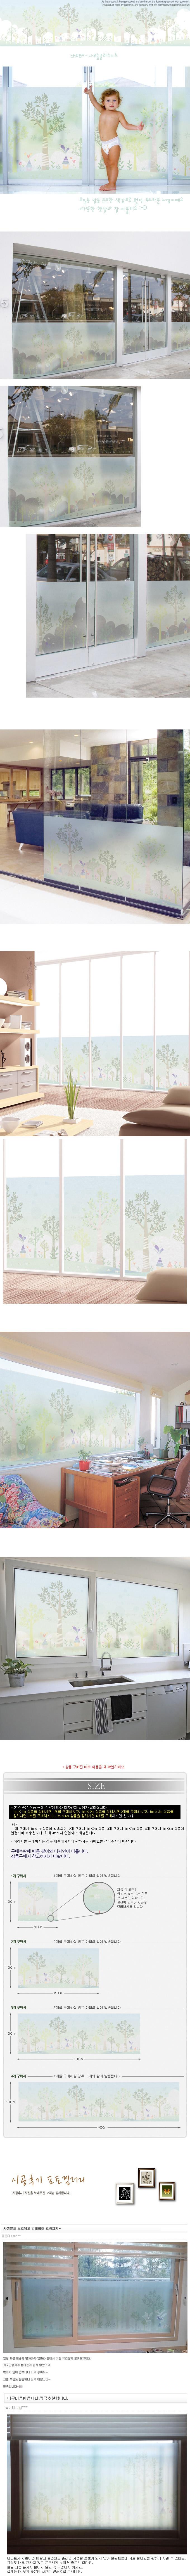 ch089-나무숲글라스시트_글라스시트지 - 꾸밈, 16,000원, 벽지/시트지, 패턴/무늬목 시트